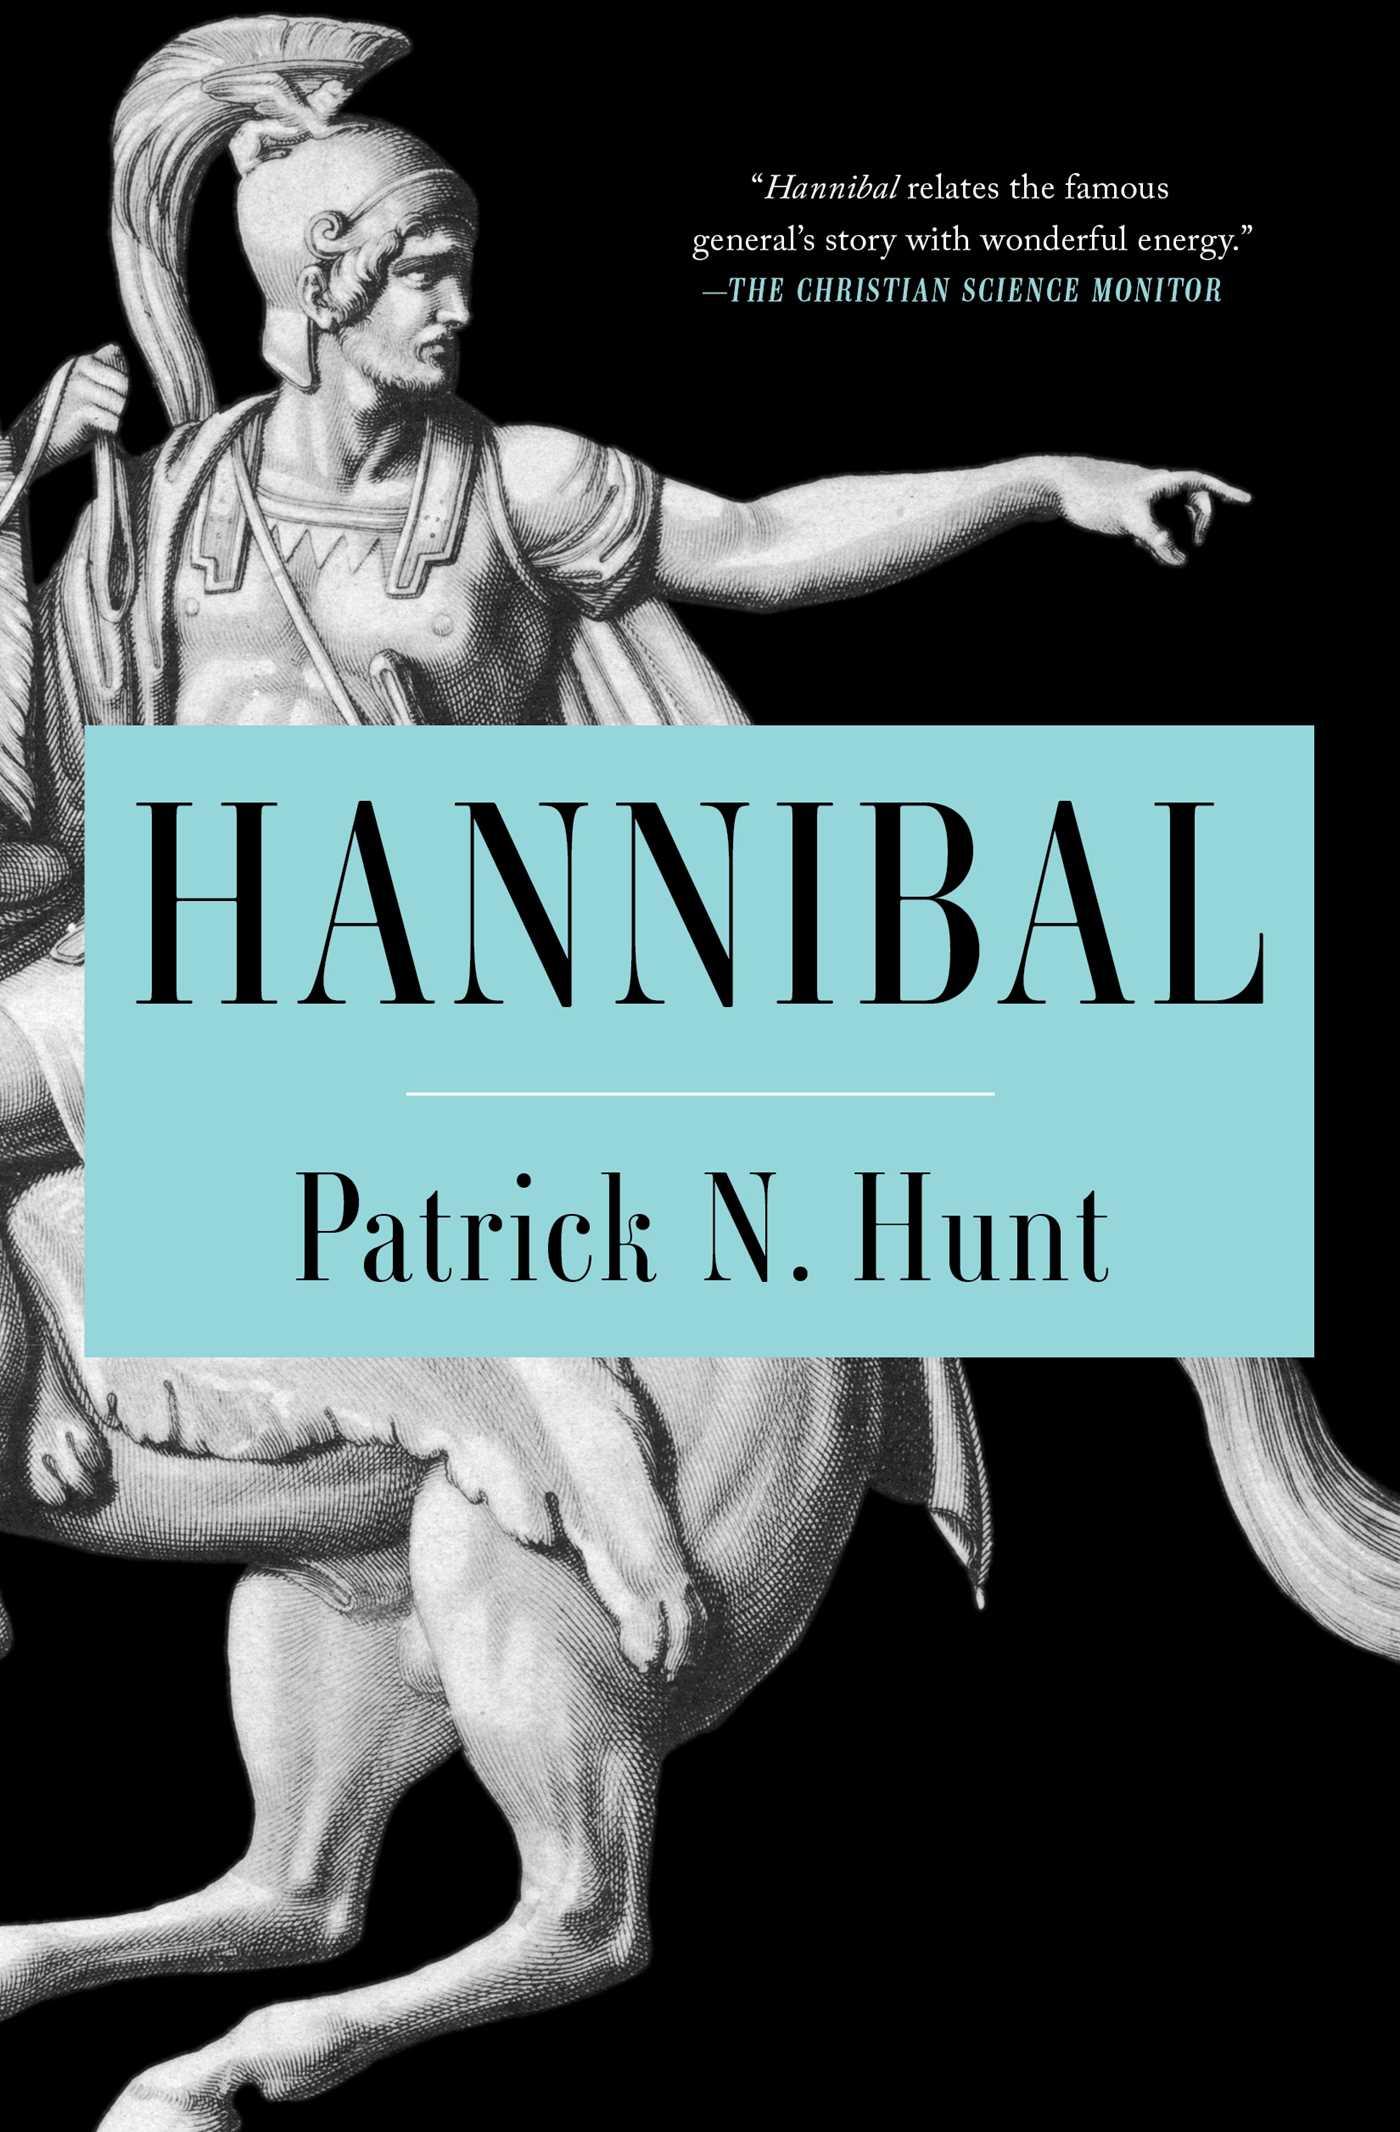 Hannibal 9781439109779 hr